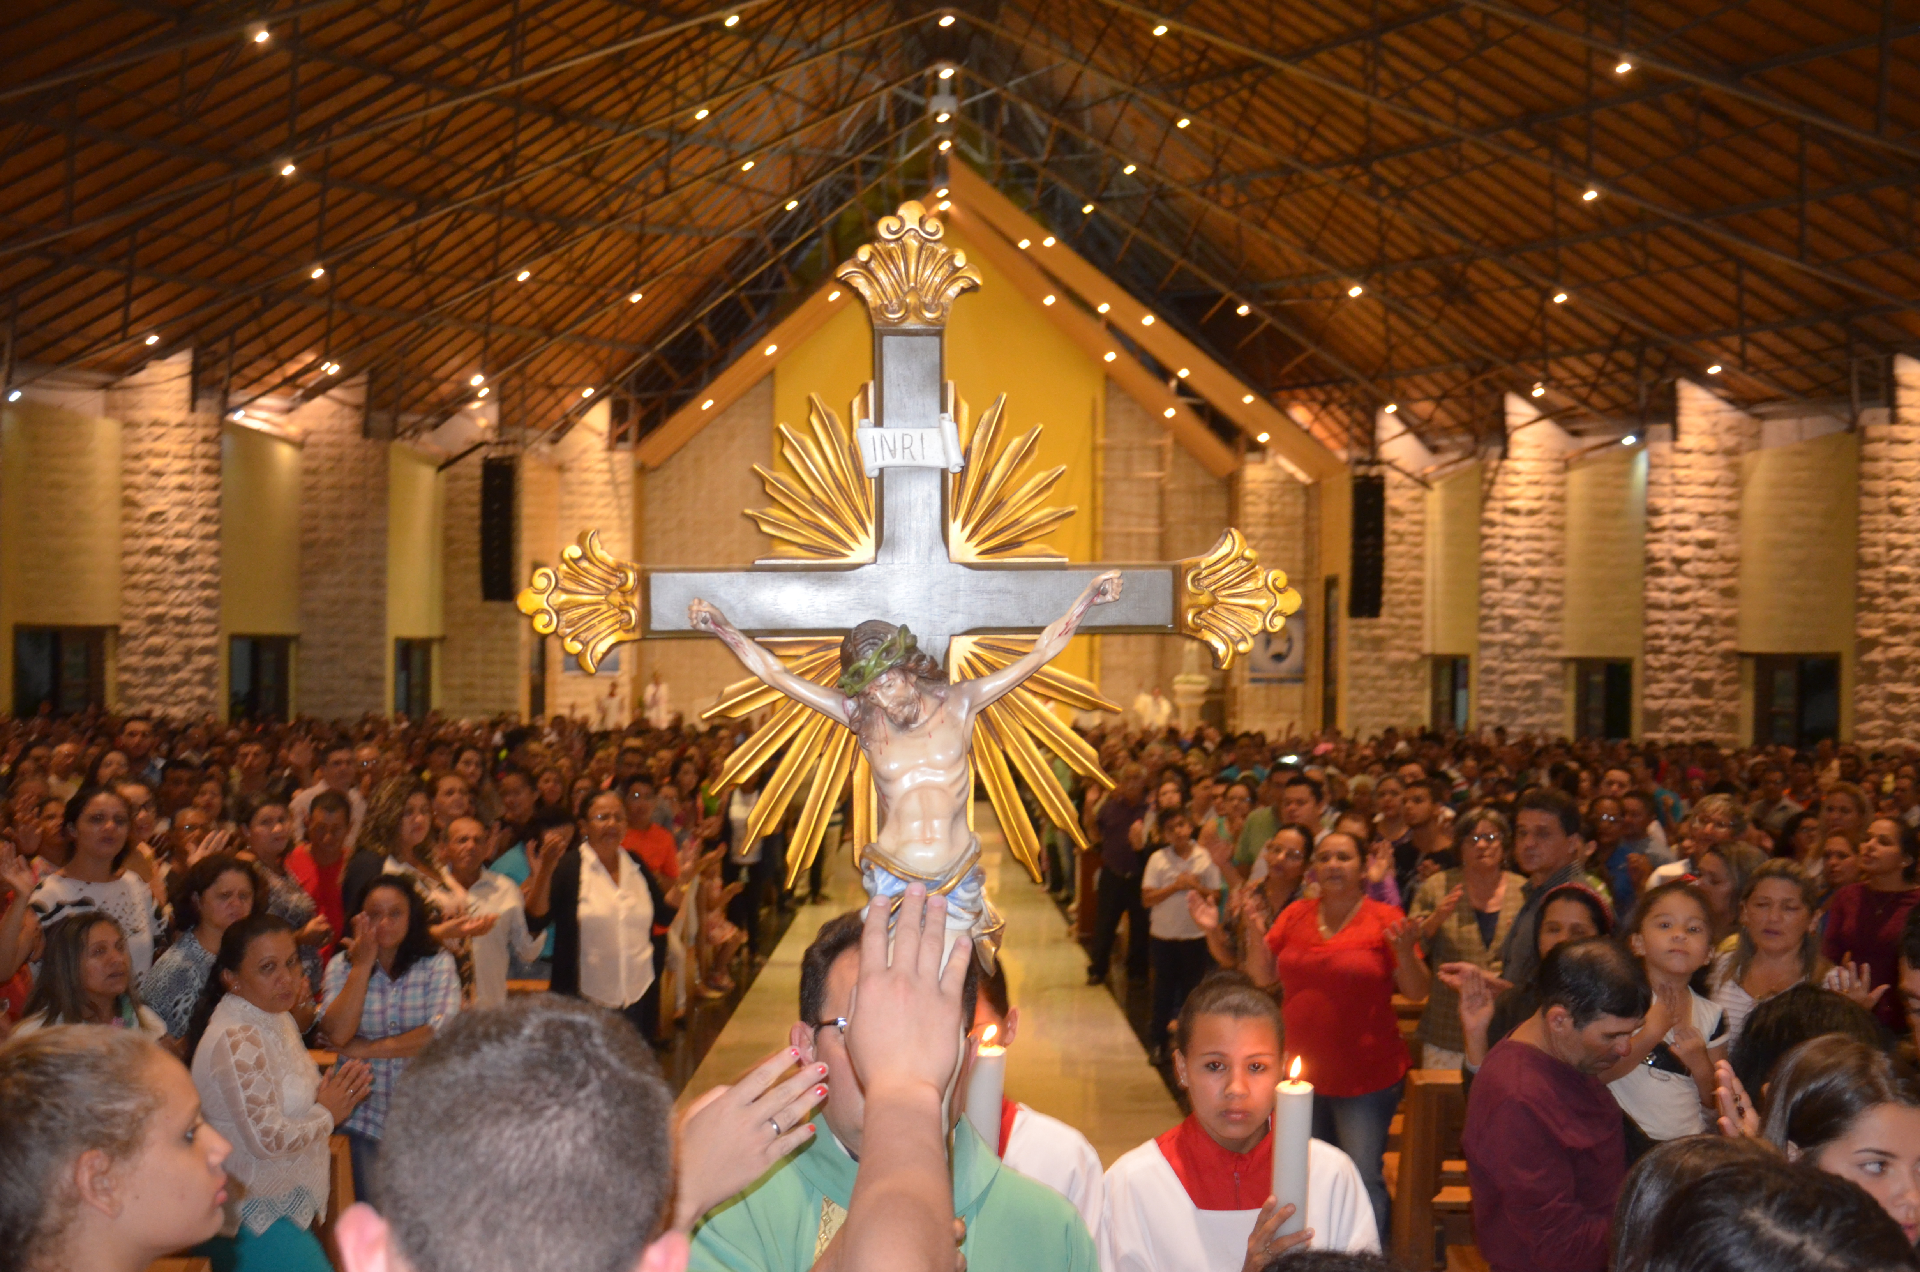 Segunda feira Santa no Santuário de Fátima.